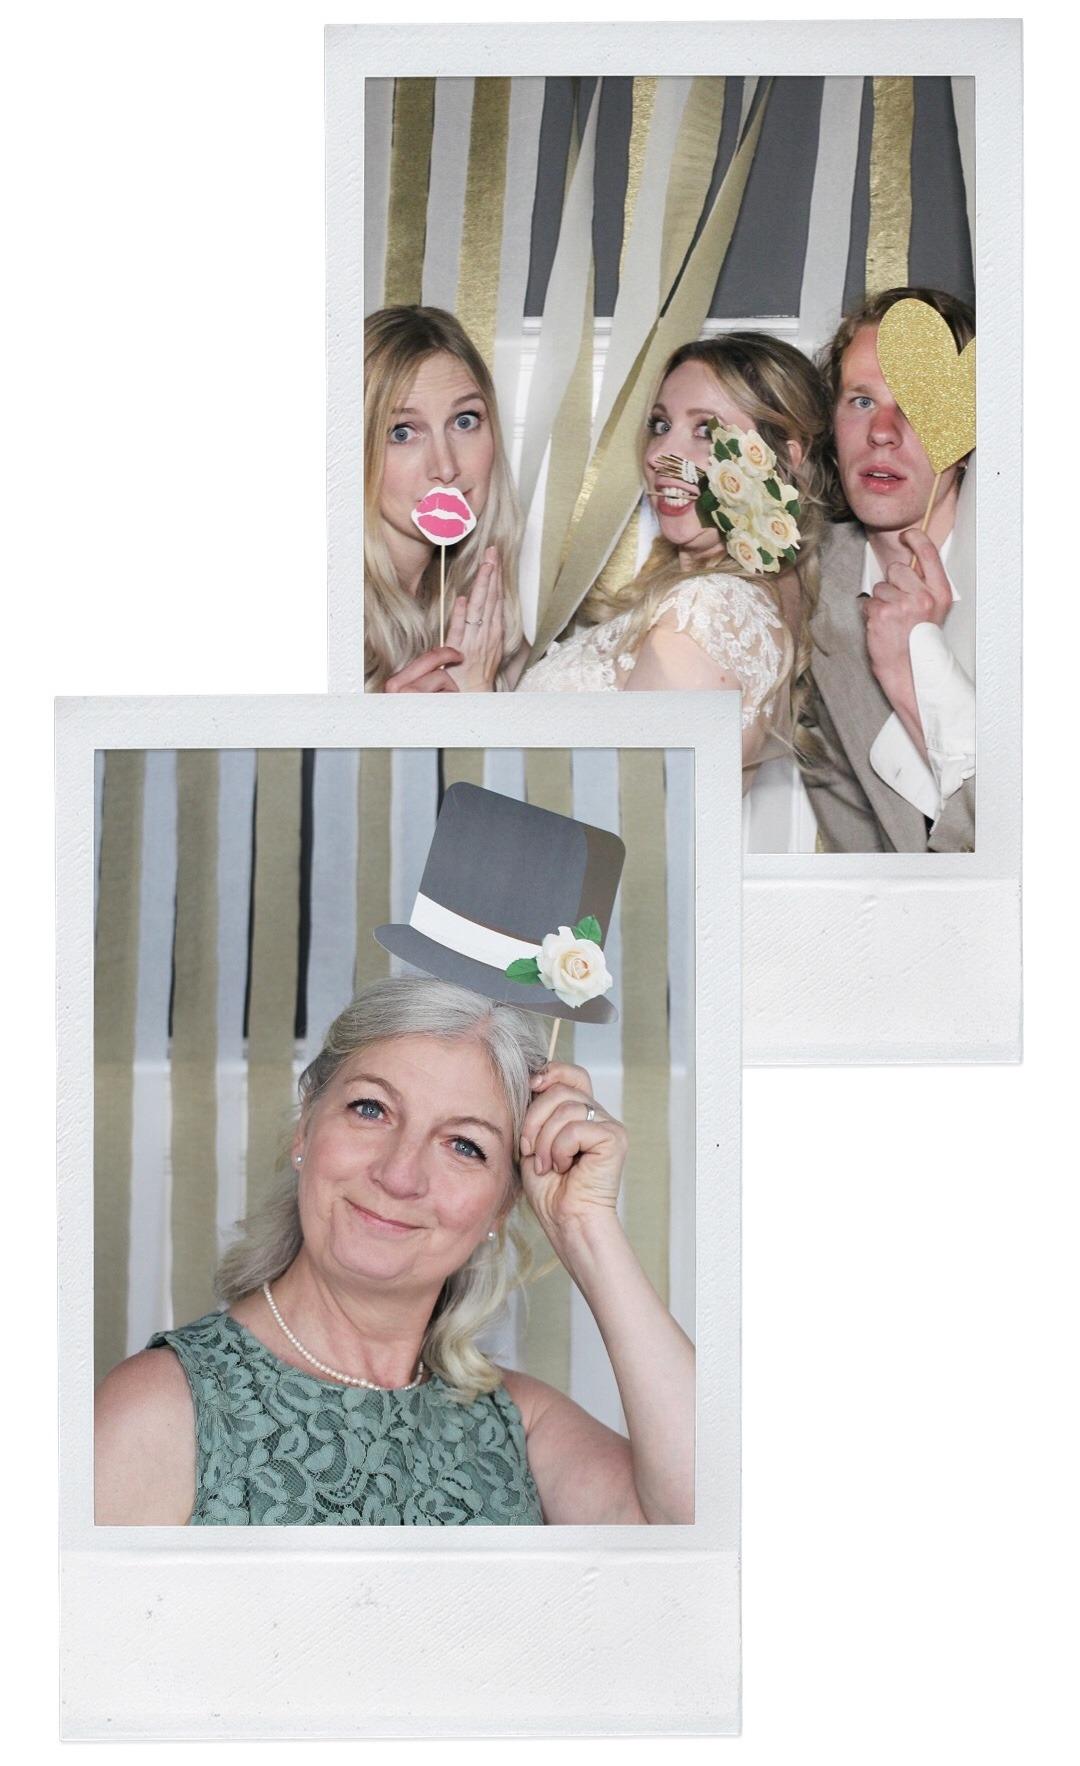 Unsere Hochzeit am großen Wannsee in Berlin, festgehalten mit der Kruu Fotobox #mrandmrswinzer